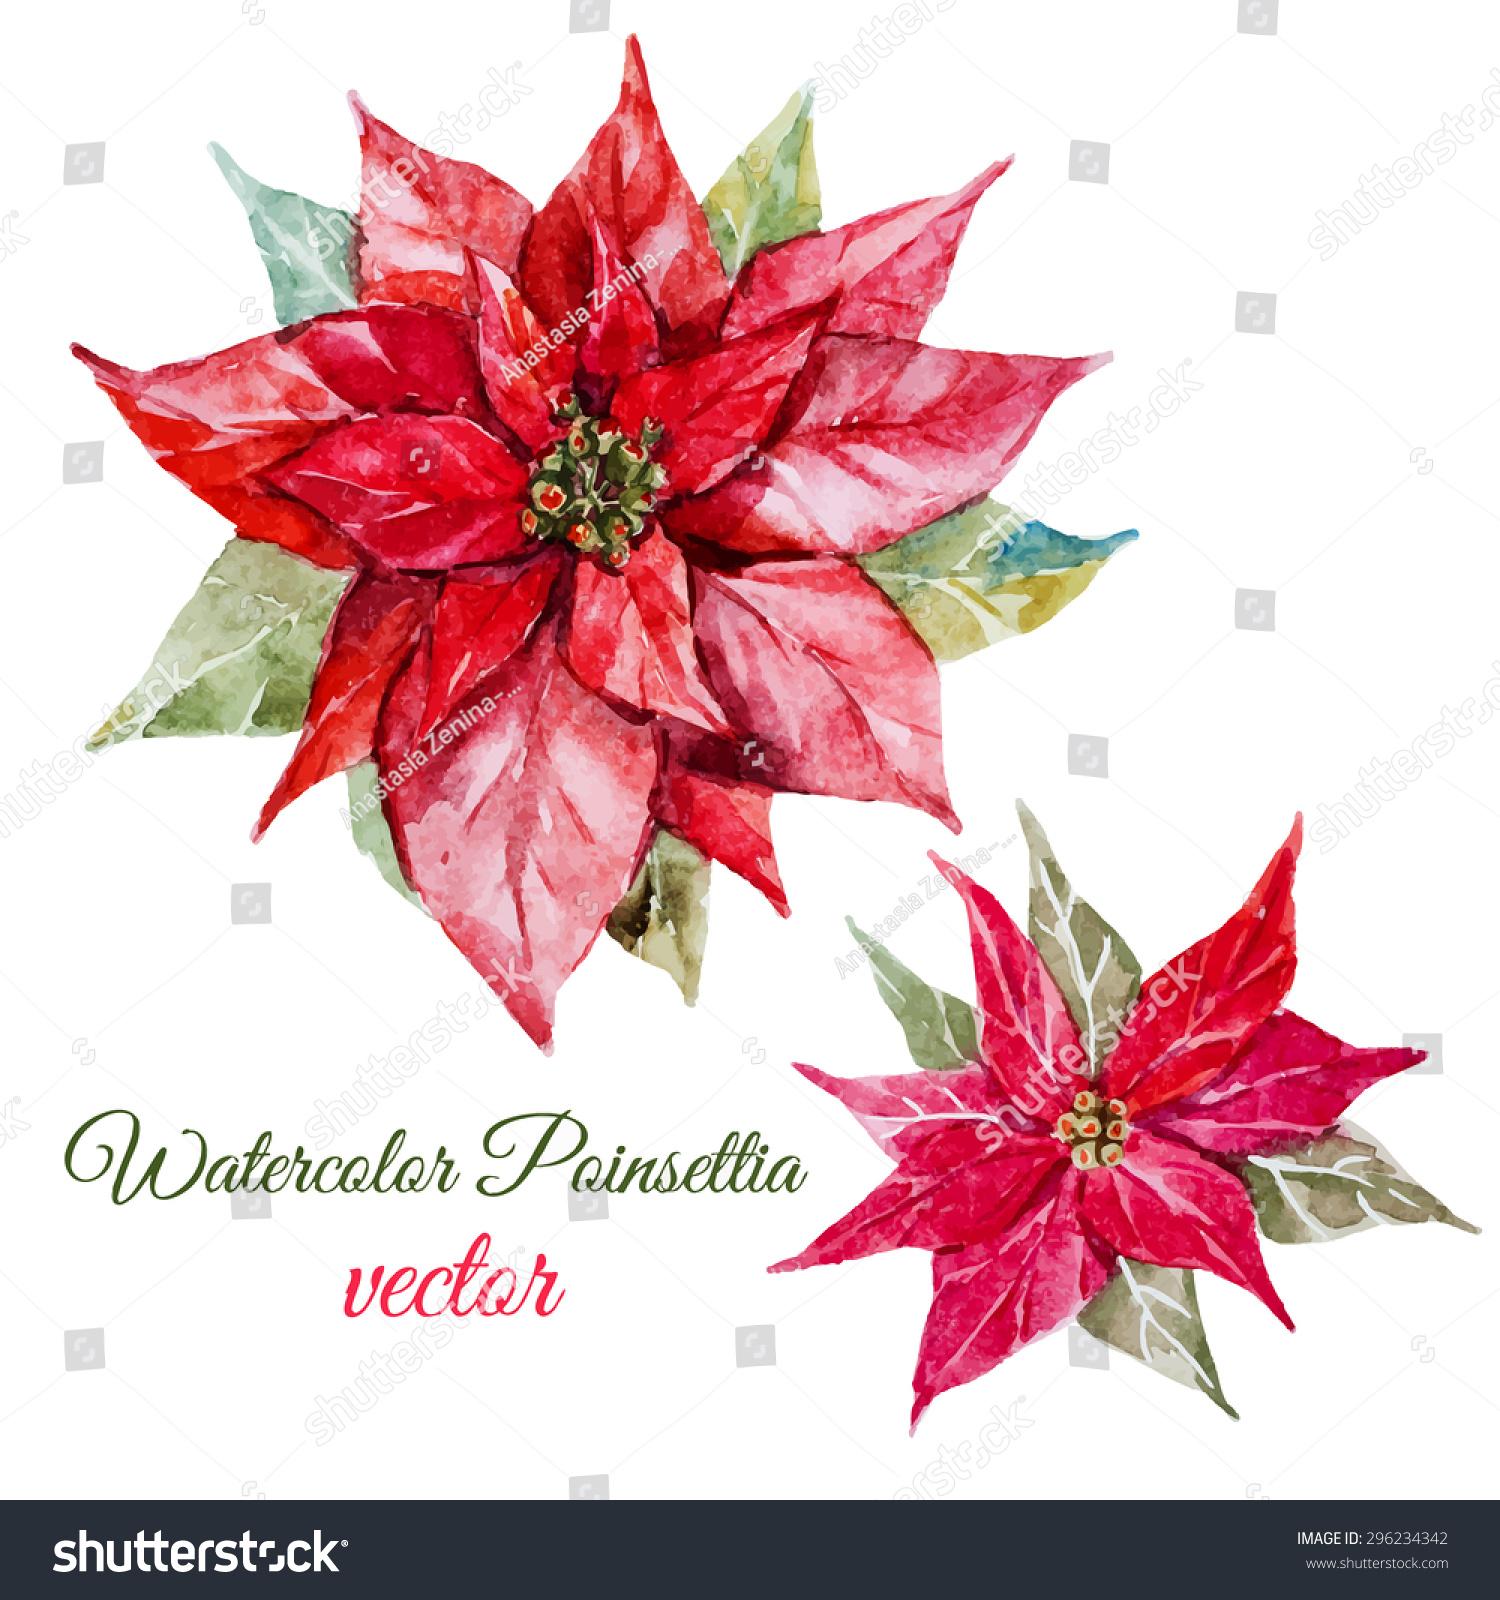 Vector Watercolor Botanical Drawing Christmas Poinsettia Vector de ...